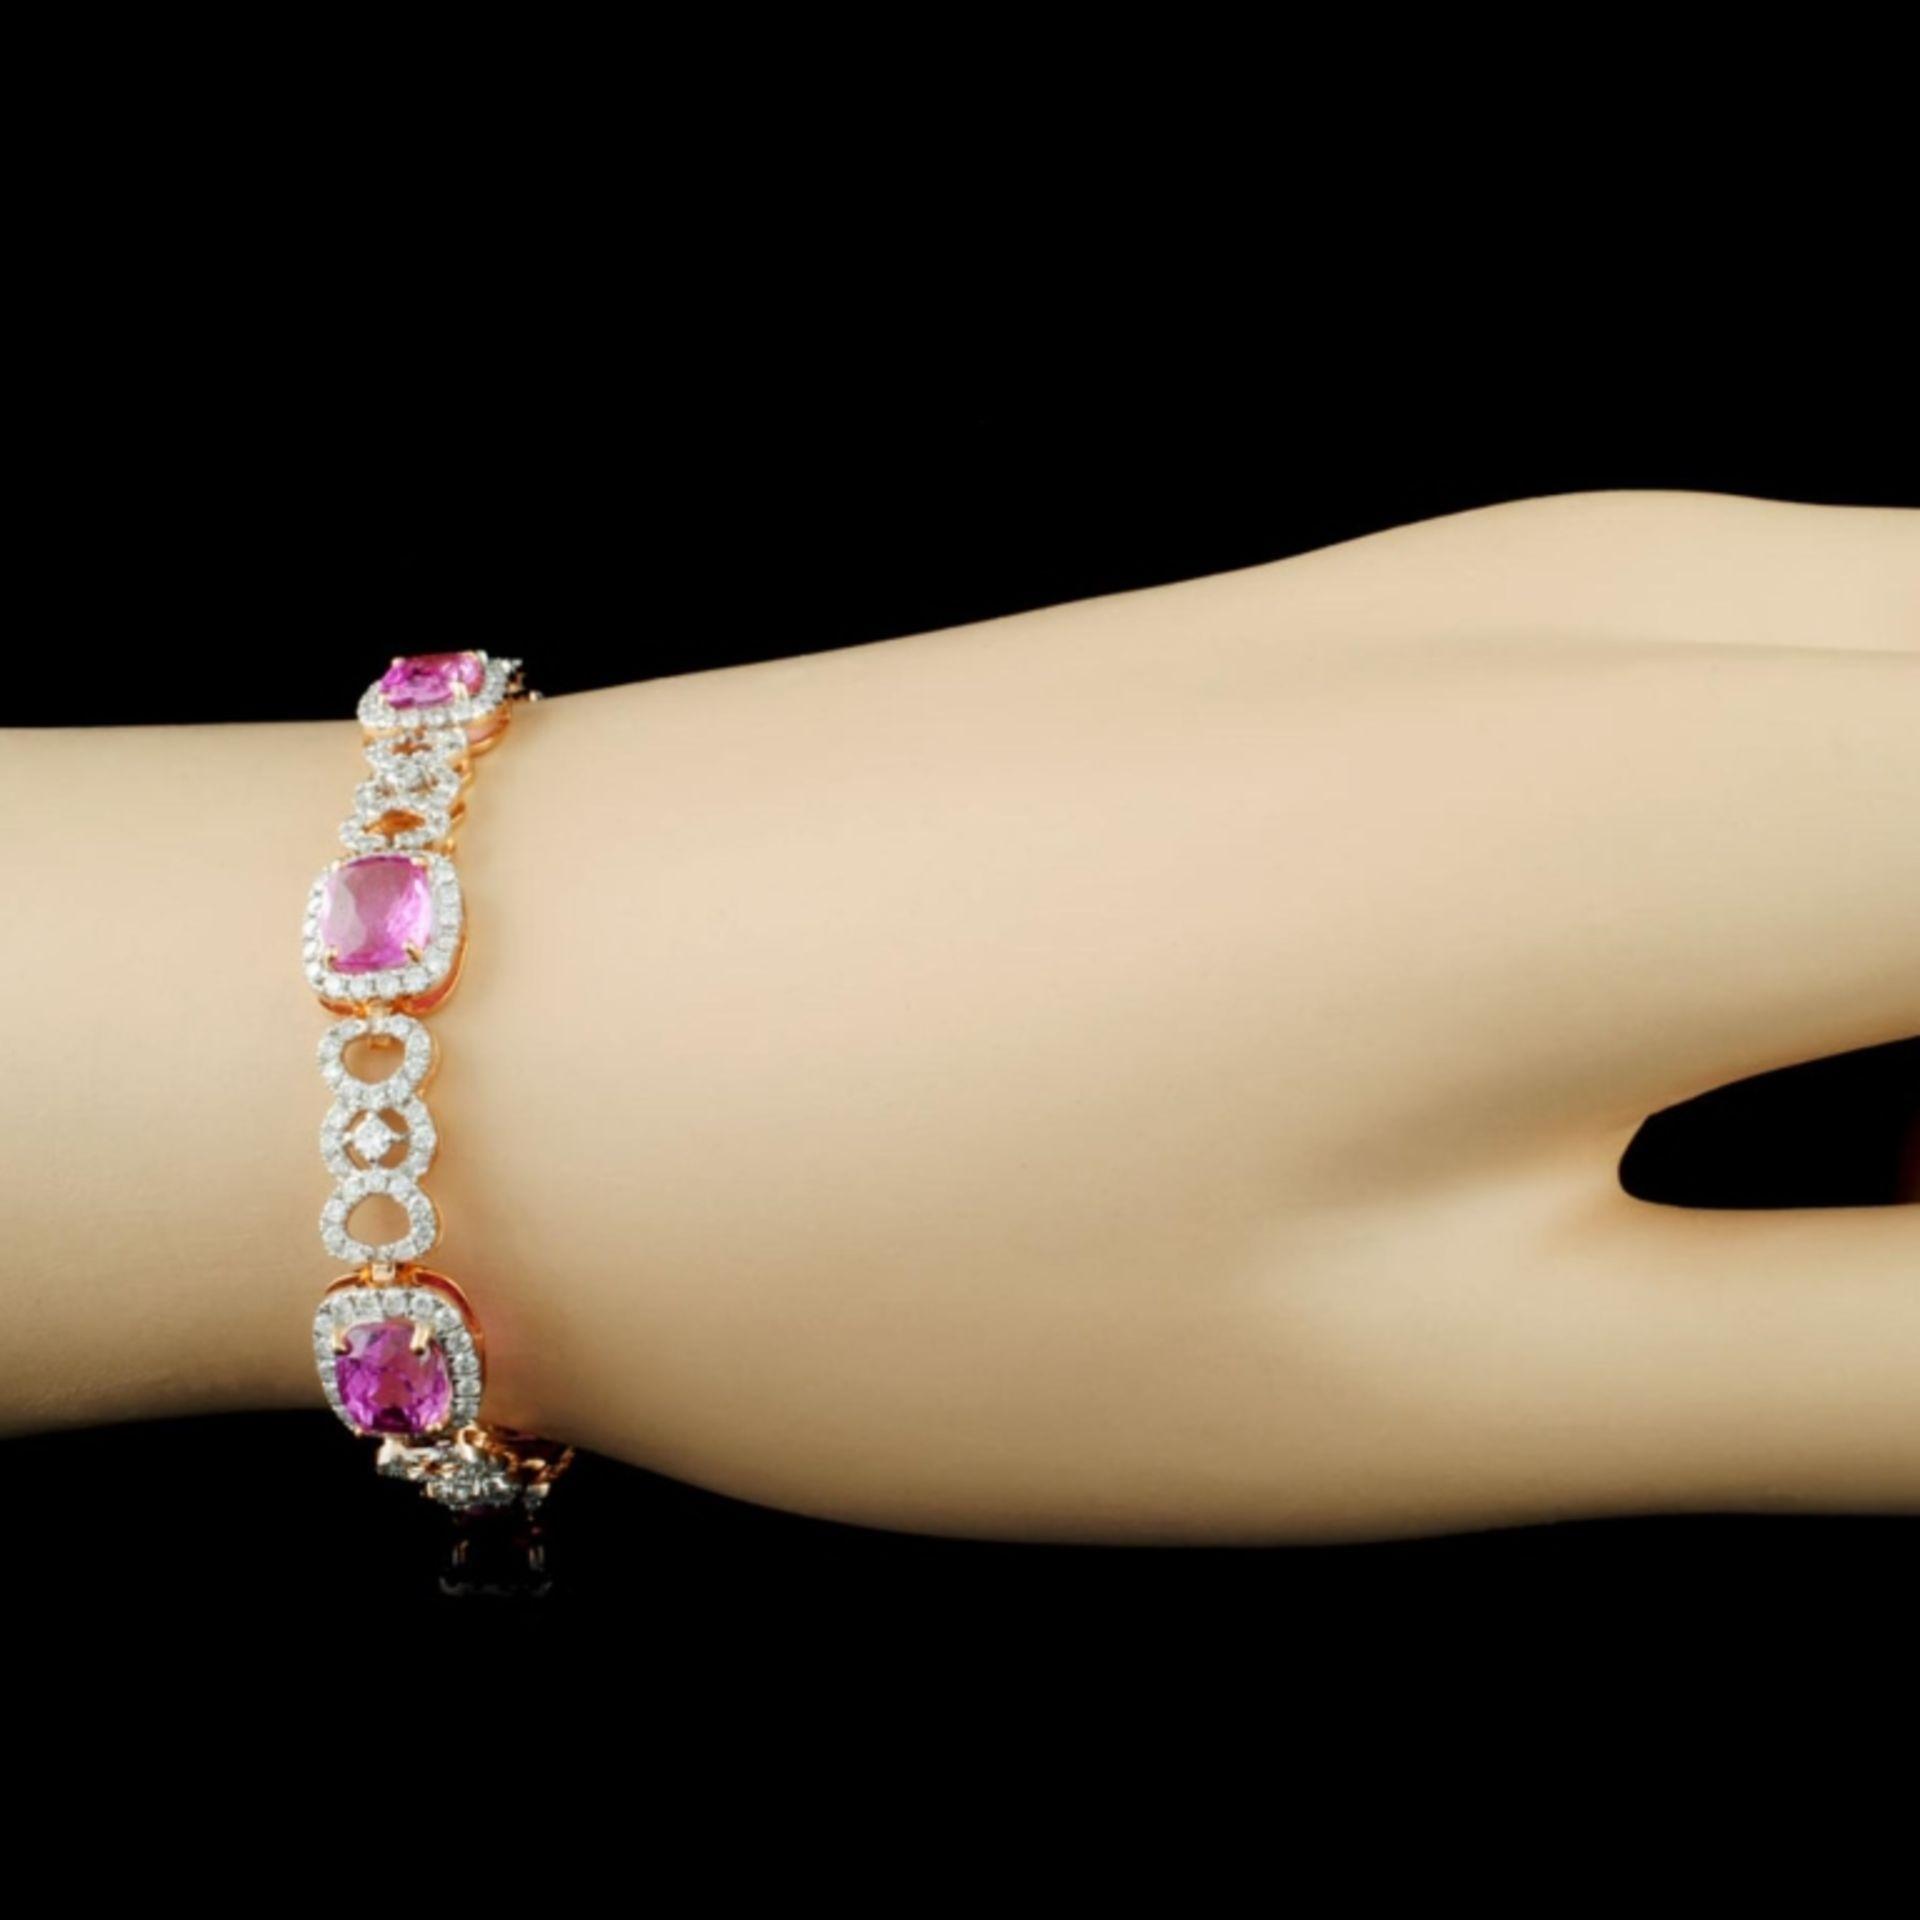 18K Gold 11.04ct Sapphire & 2.69ctw Diamond Bracel - Image 3 of 4